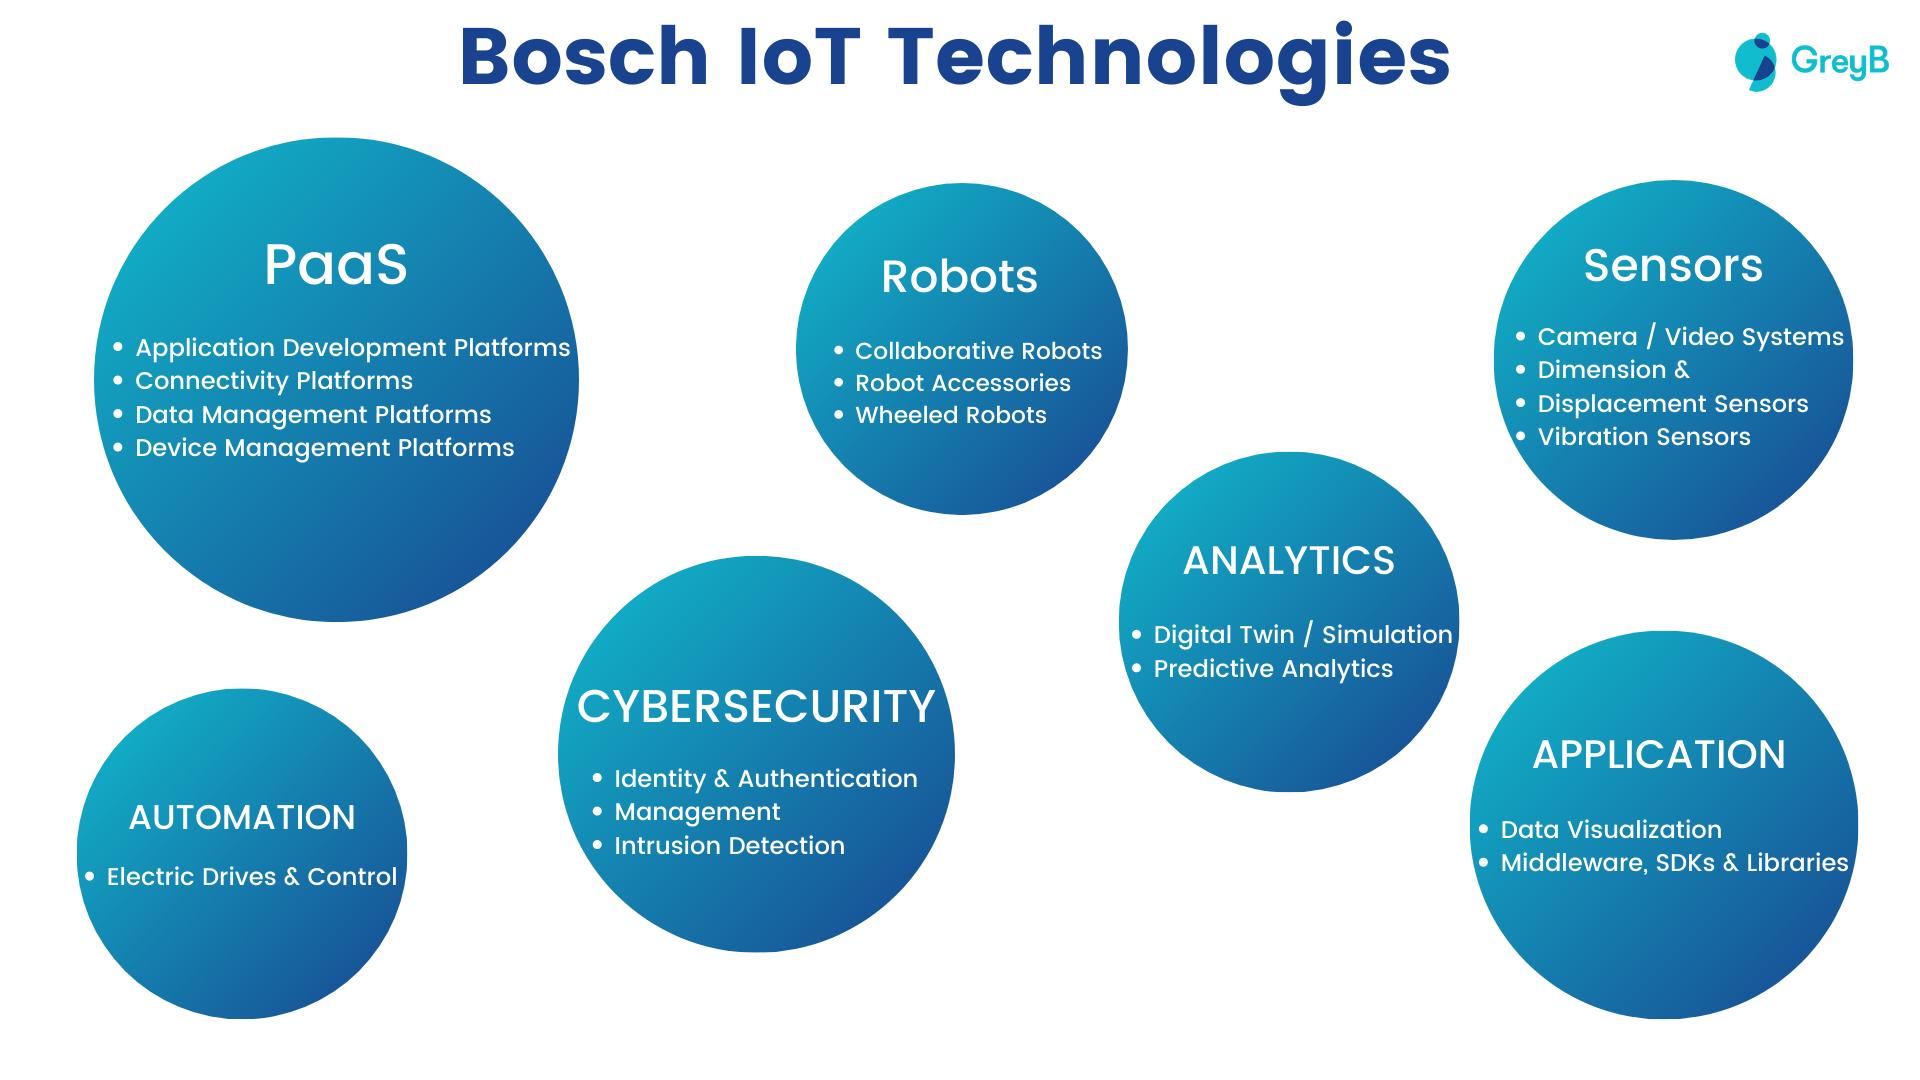 Bosch IoT Technologies